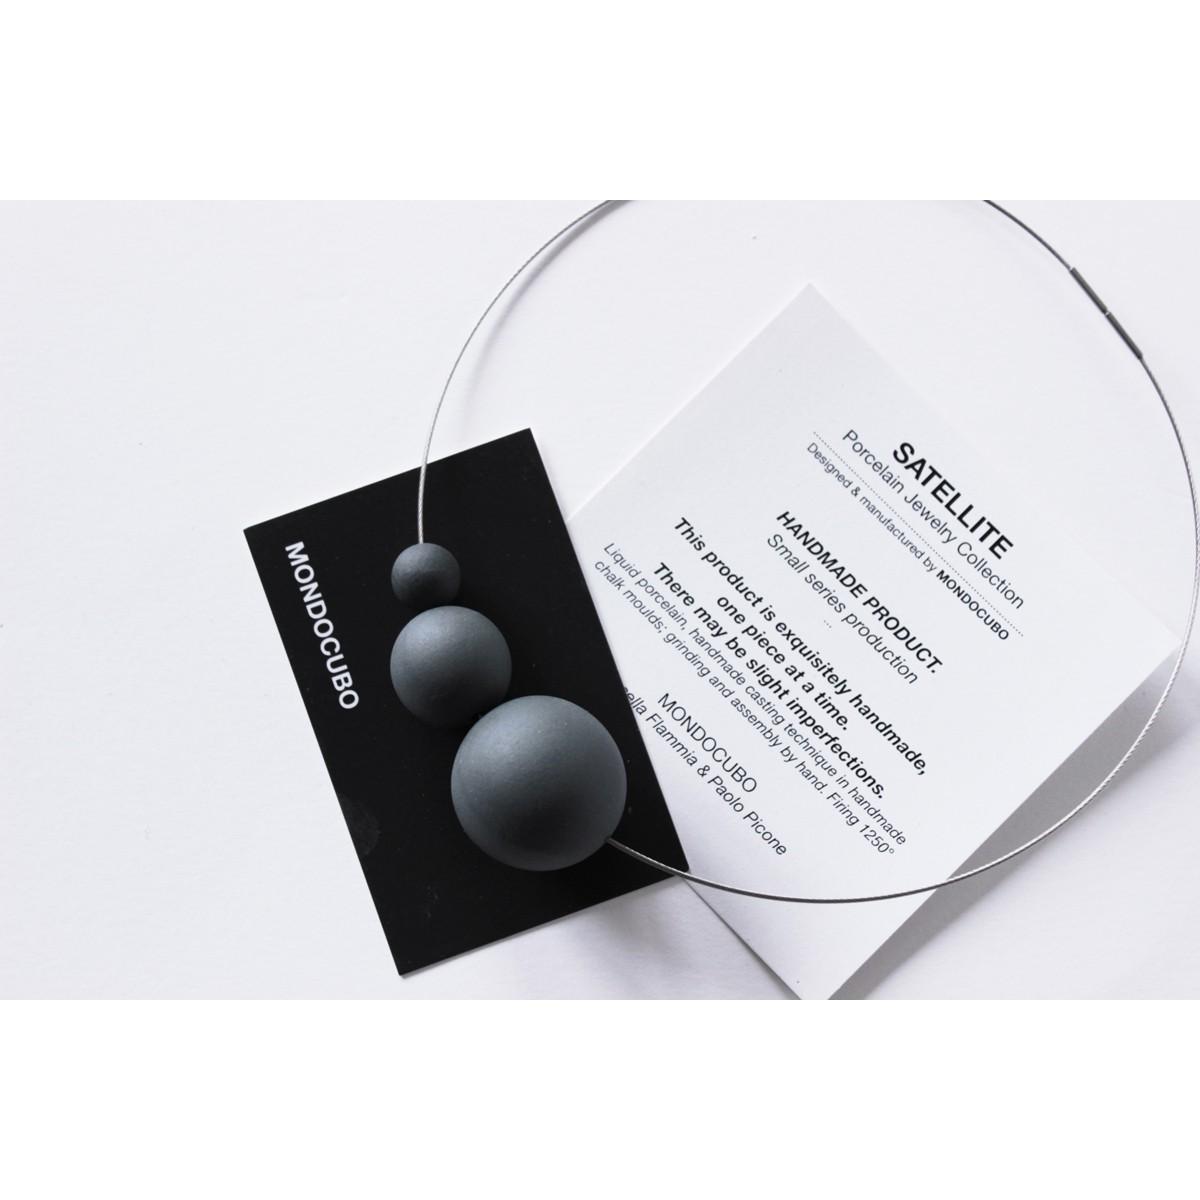 Limitierte Auflage Schwarze Porzellan Halskette PLUTONE aus der SATELLITE Kollektion. Minimalistischer Schmuck